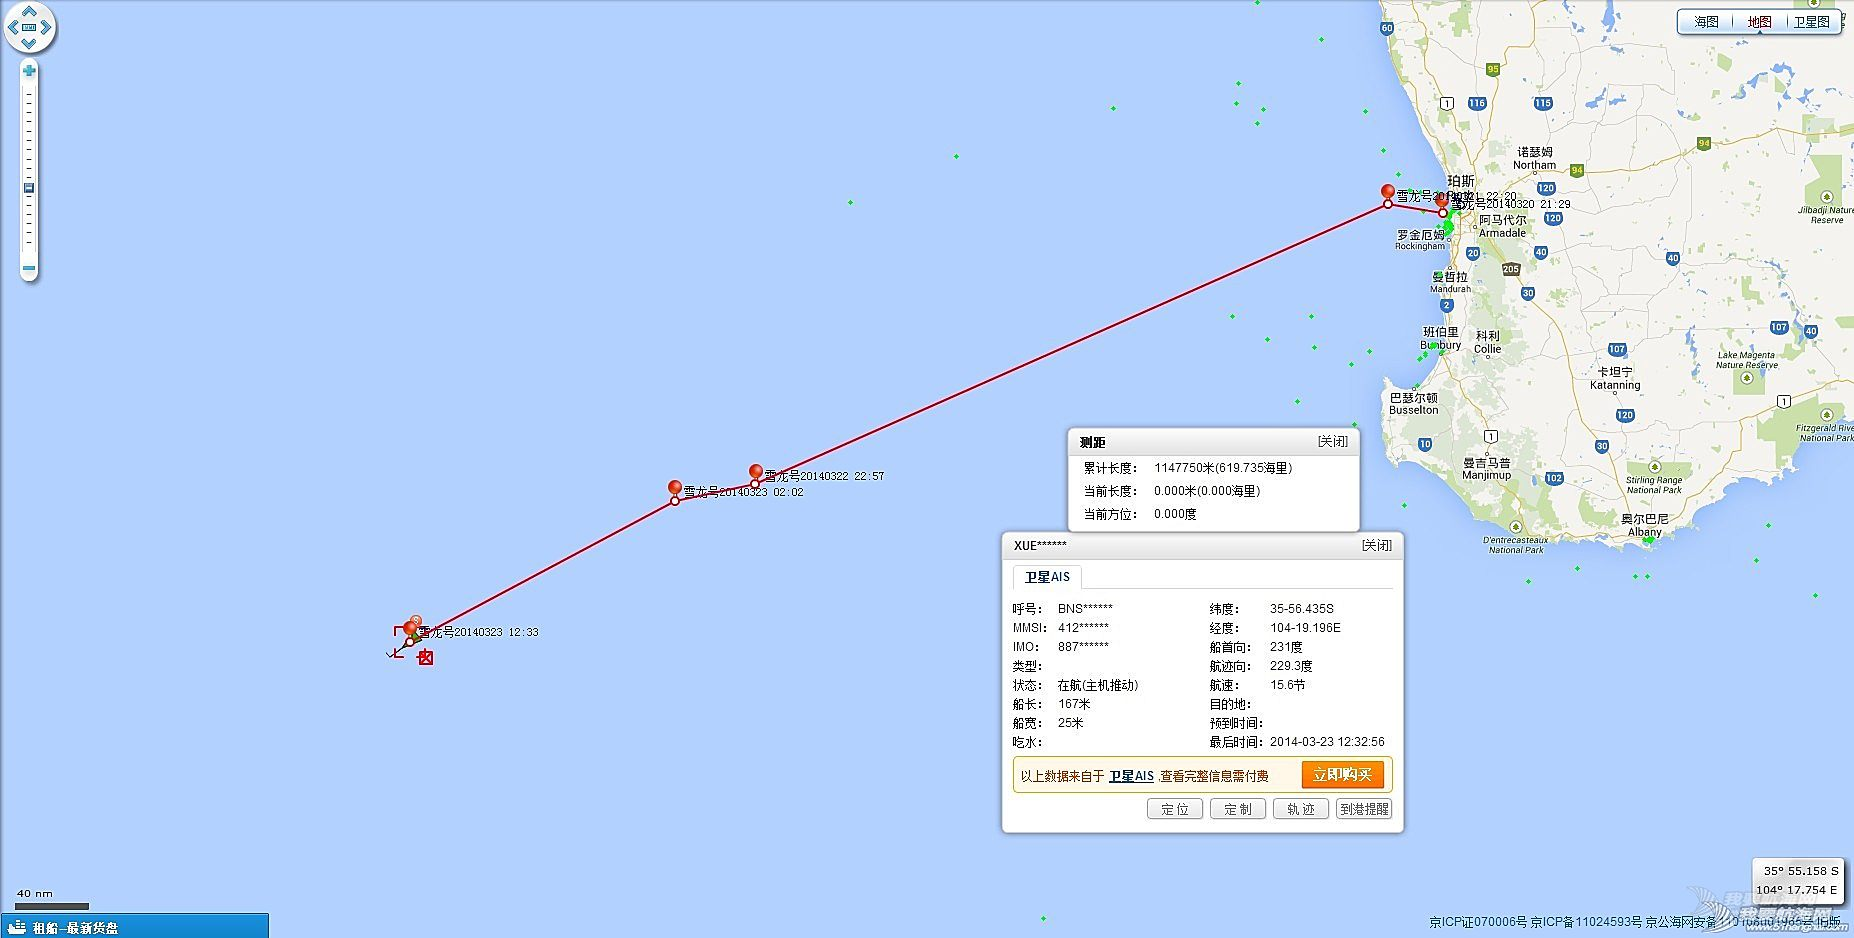 澳大利亚 【雪龙动态】雪龙号从澳大利亚出发搜寻MH370失联客机